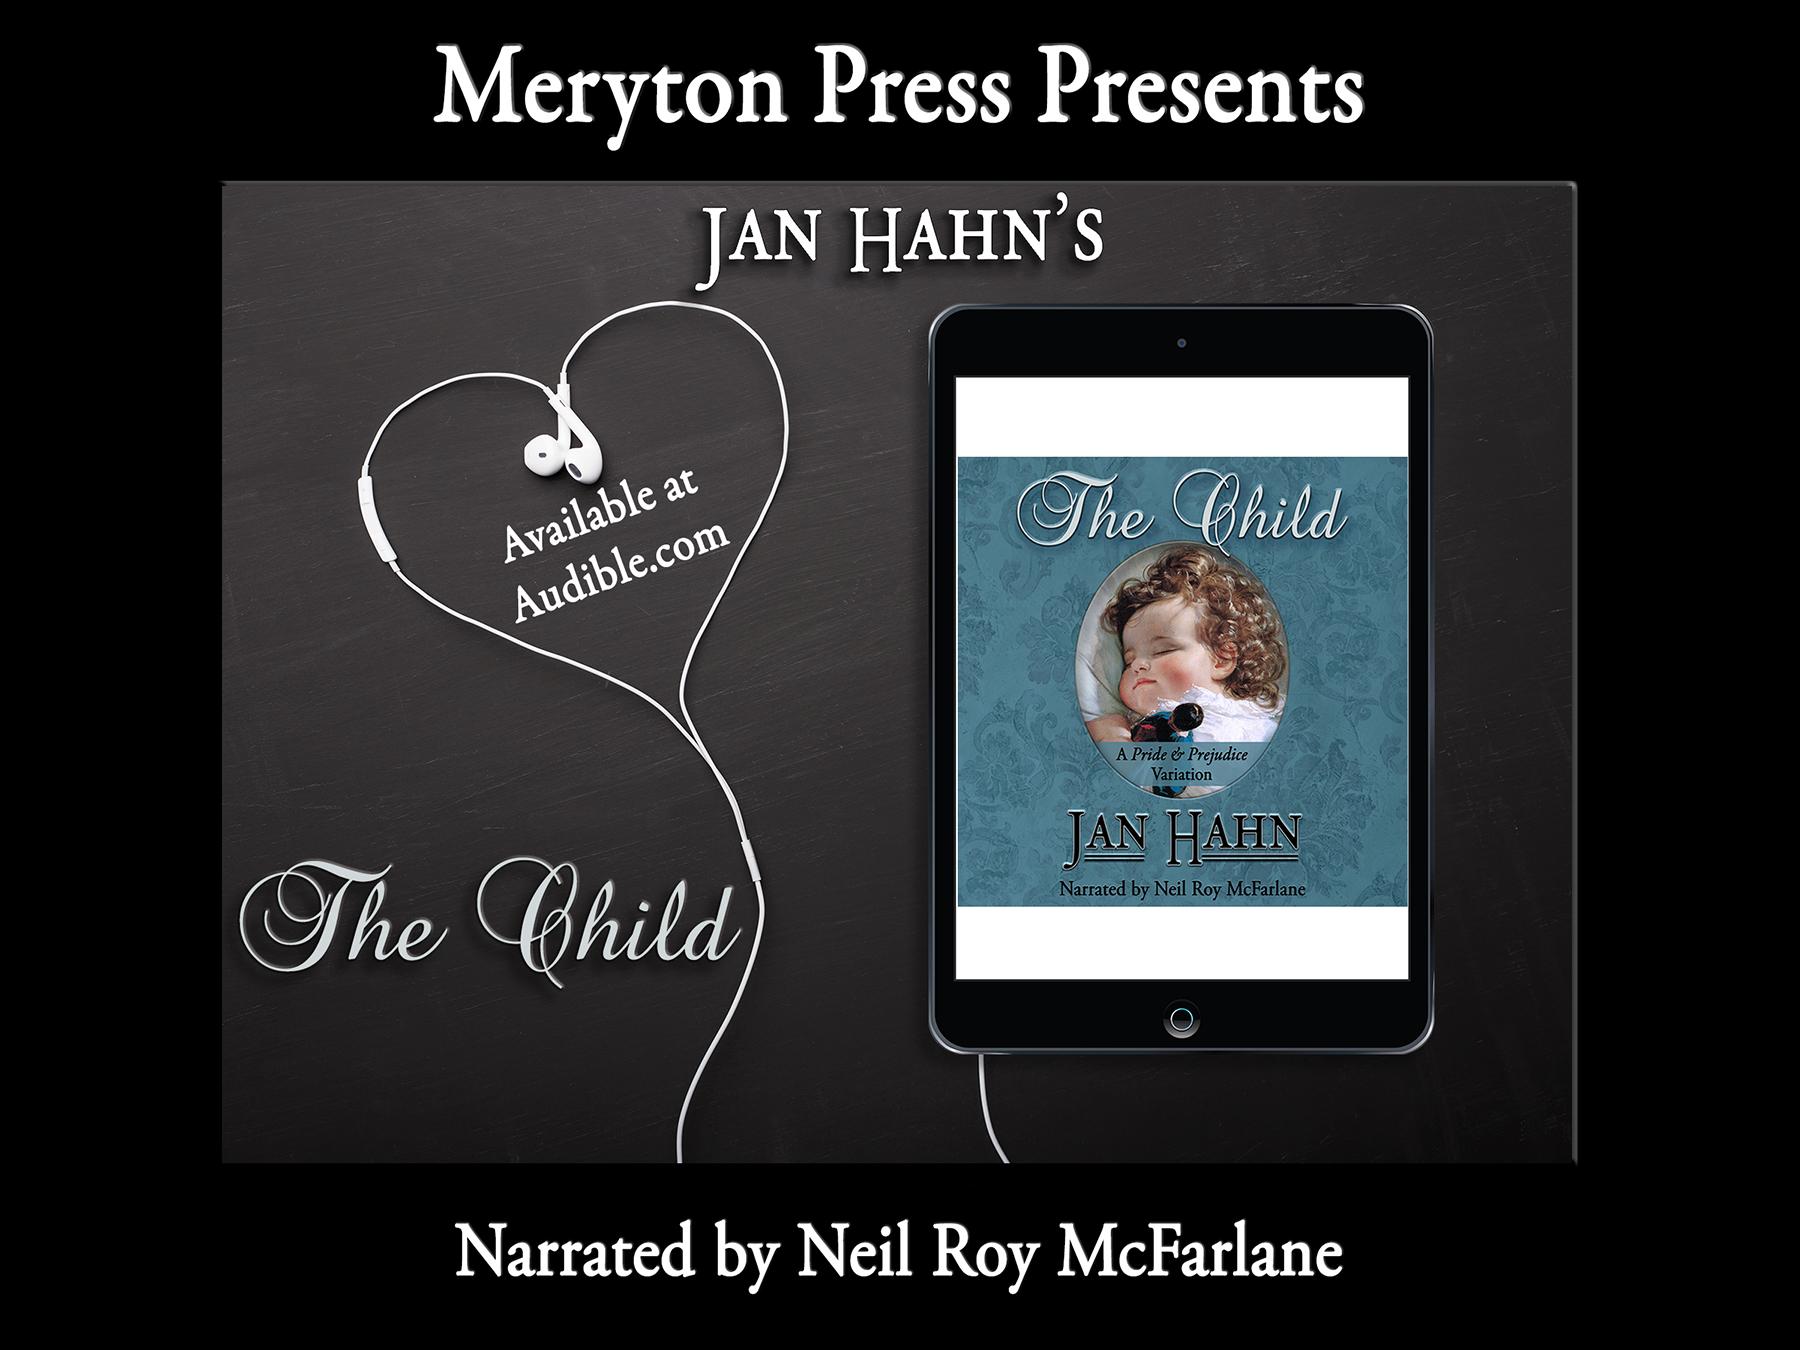 Meryton Press Presents